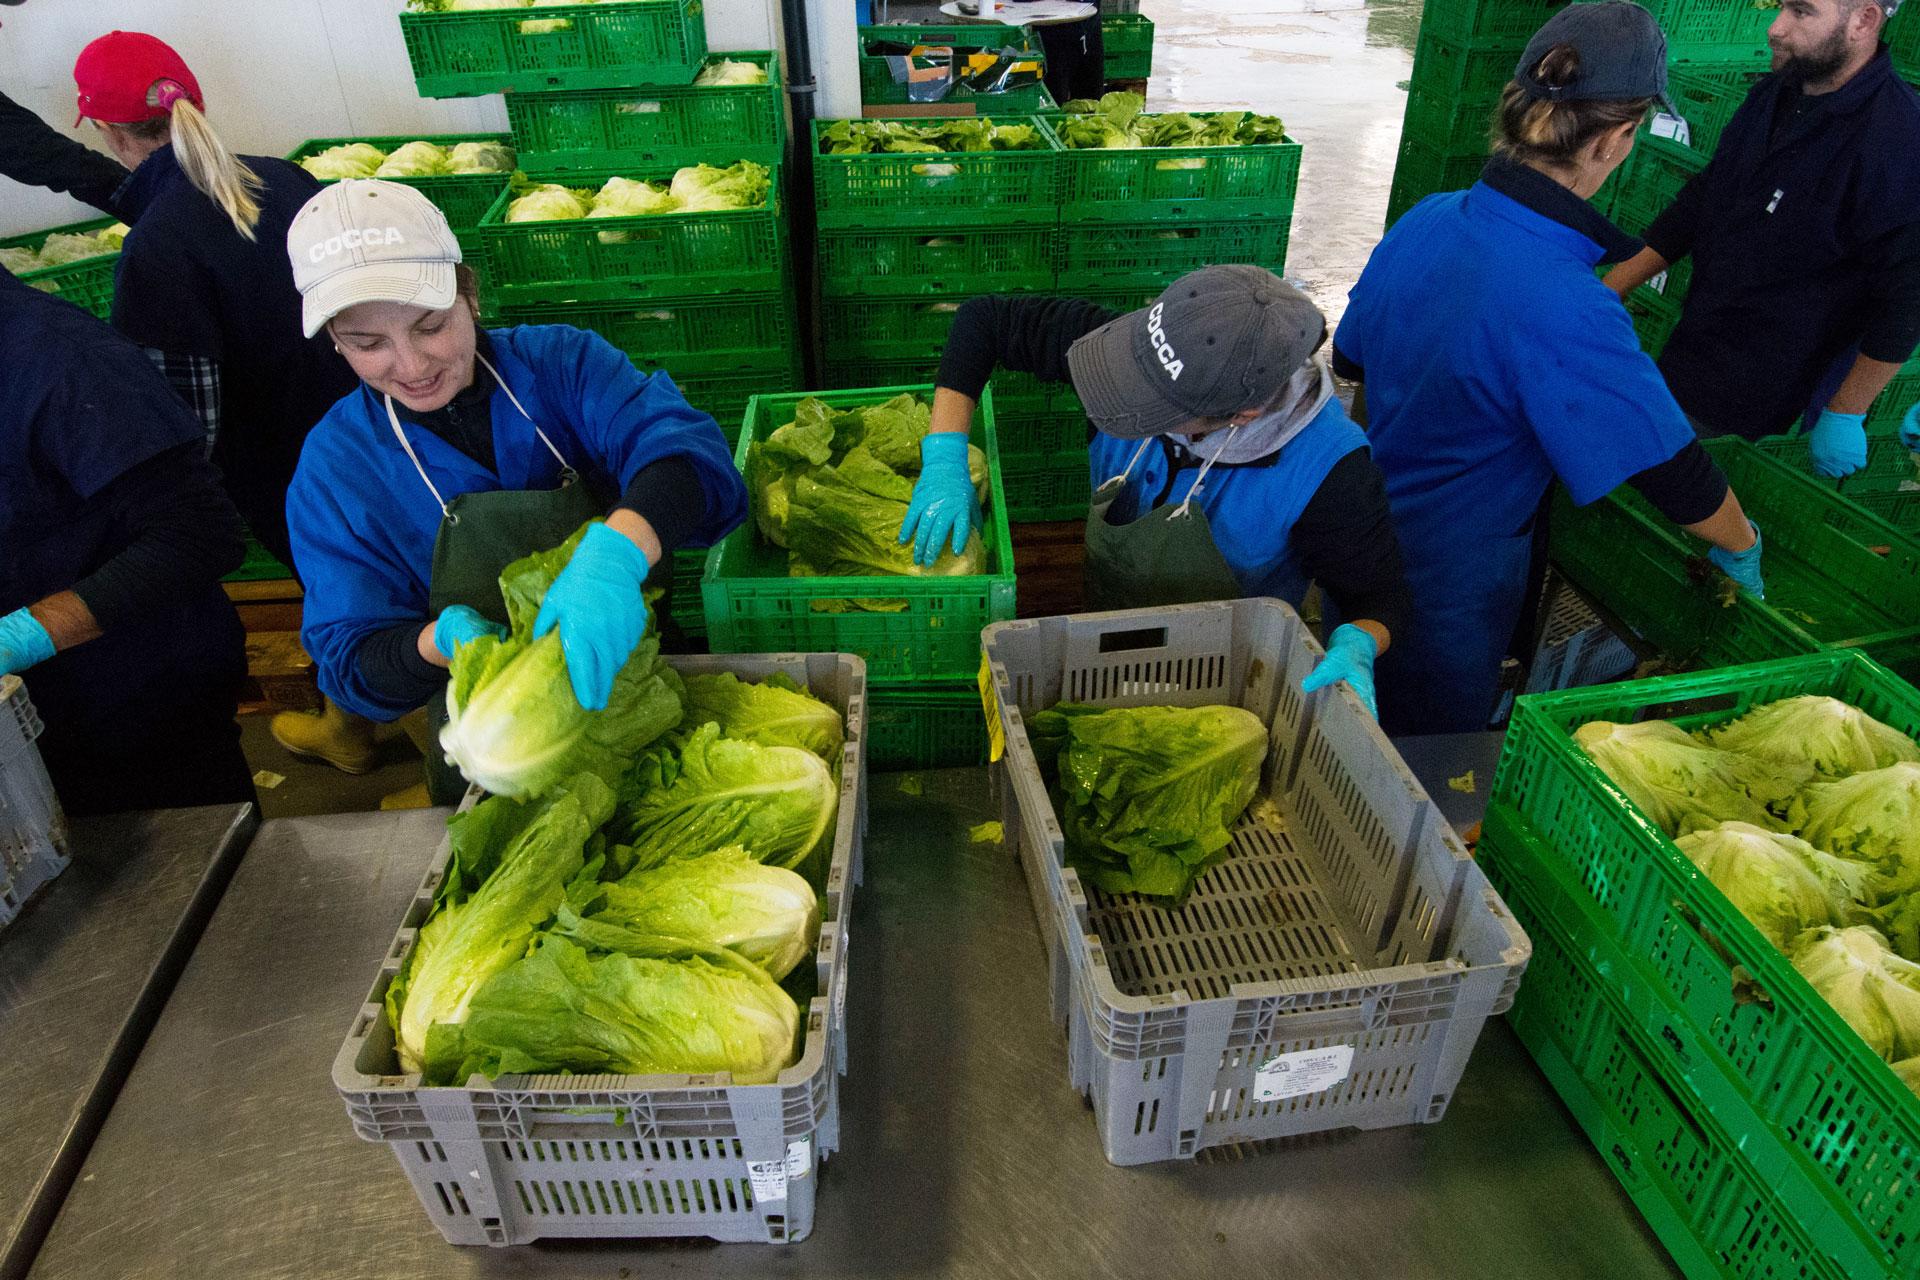 Azienda-agricola-emilio-cocca-confezioanemento